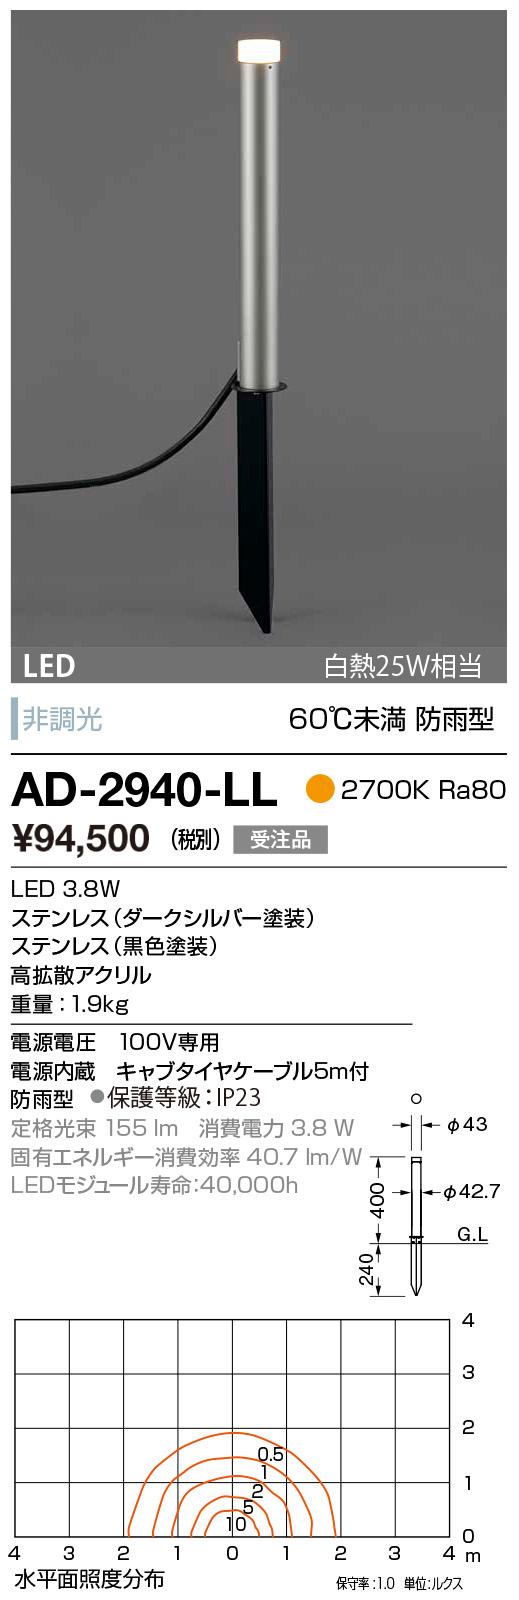 山田照明 照明器具エクステリア LED一体型スーパースリムガーデンライト拡散配光 電球色 白熱25W相当非調光 60℃未満 防雨型AD-2940-LL